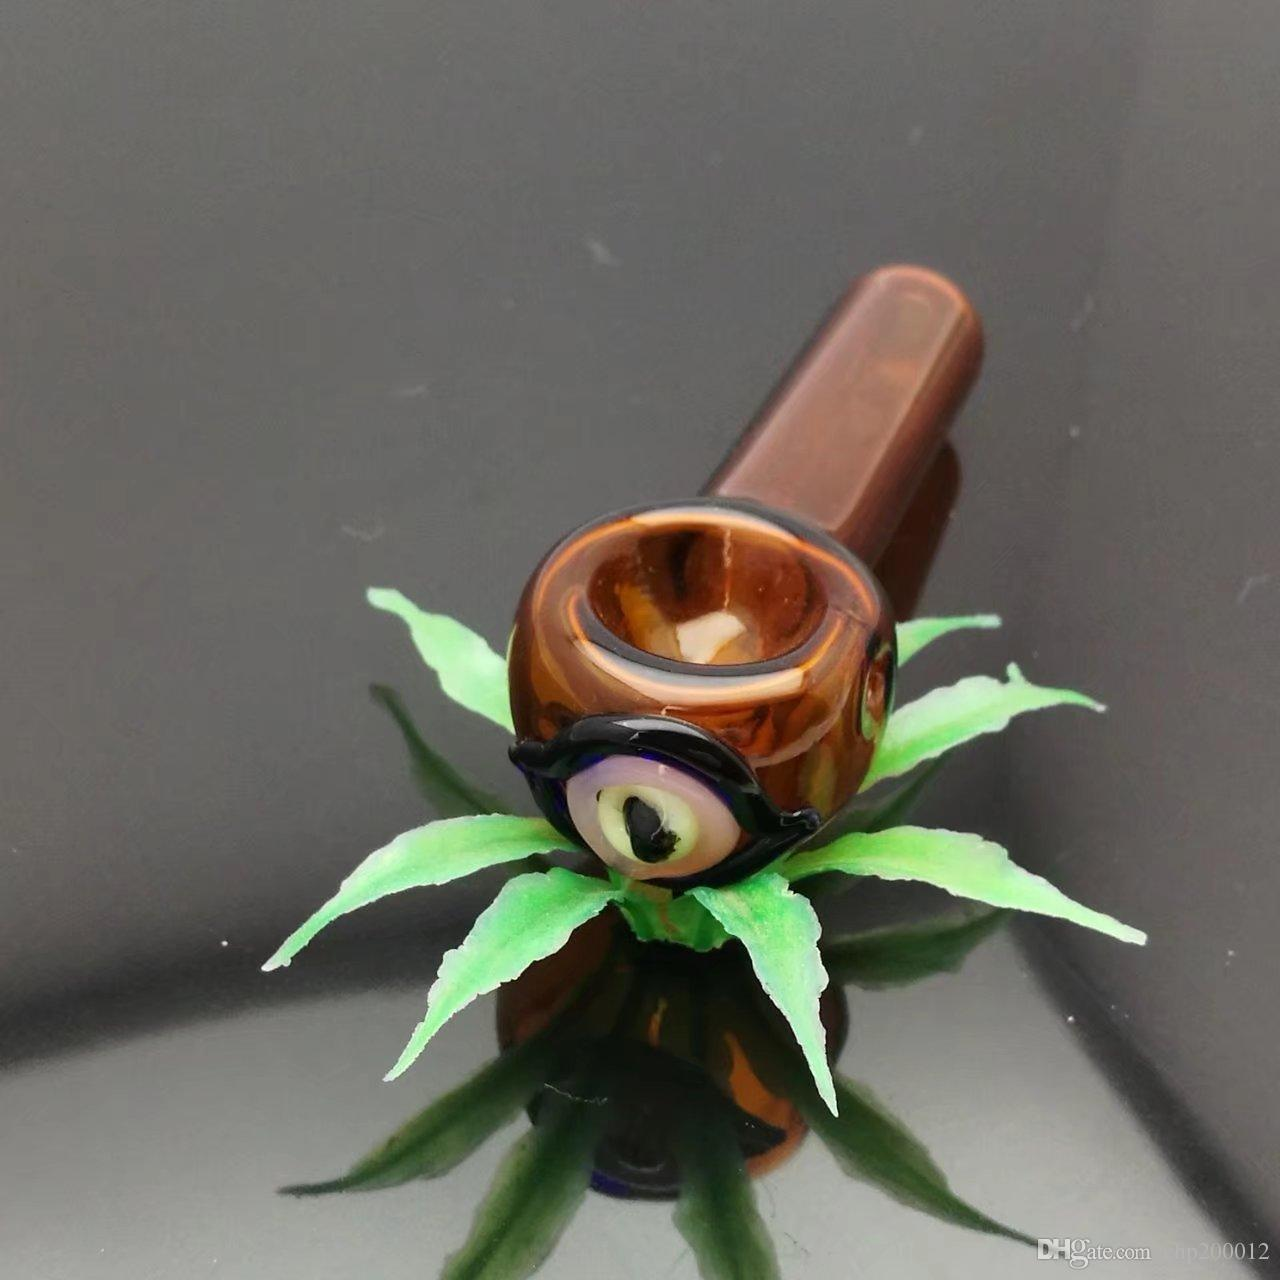 Corto quemador de vidrio coloreado Mini fumar manija tubos pipas de fumar Quemador de aceite quemador de alta calidad